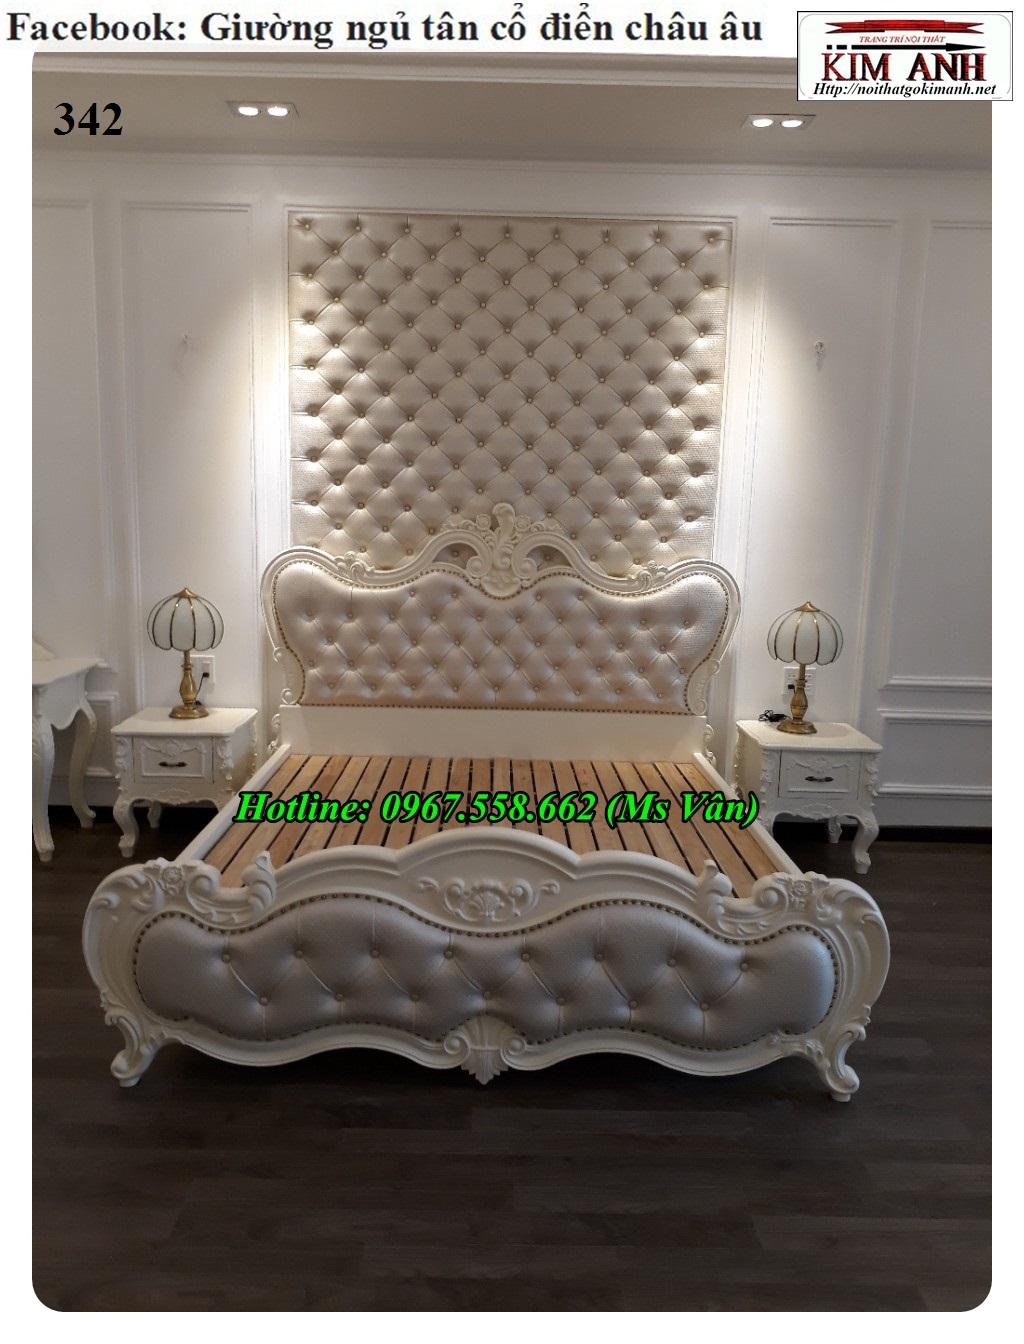 16 Bộ giường tủ màu trắng cổ điển cực đẳng cấp đặt đóng tại xưởng